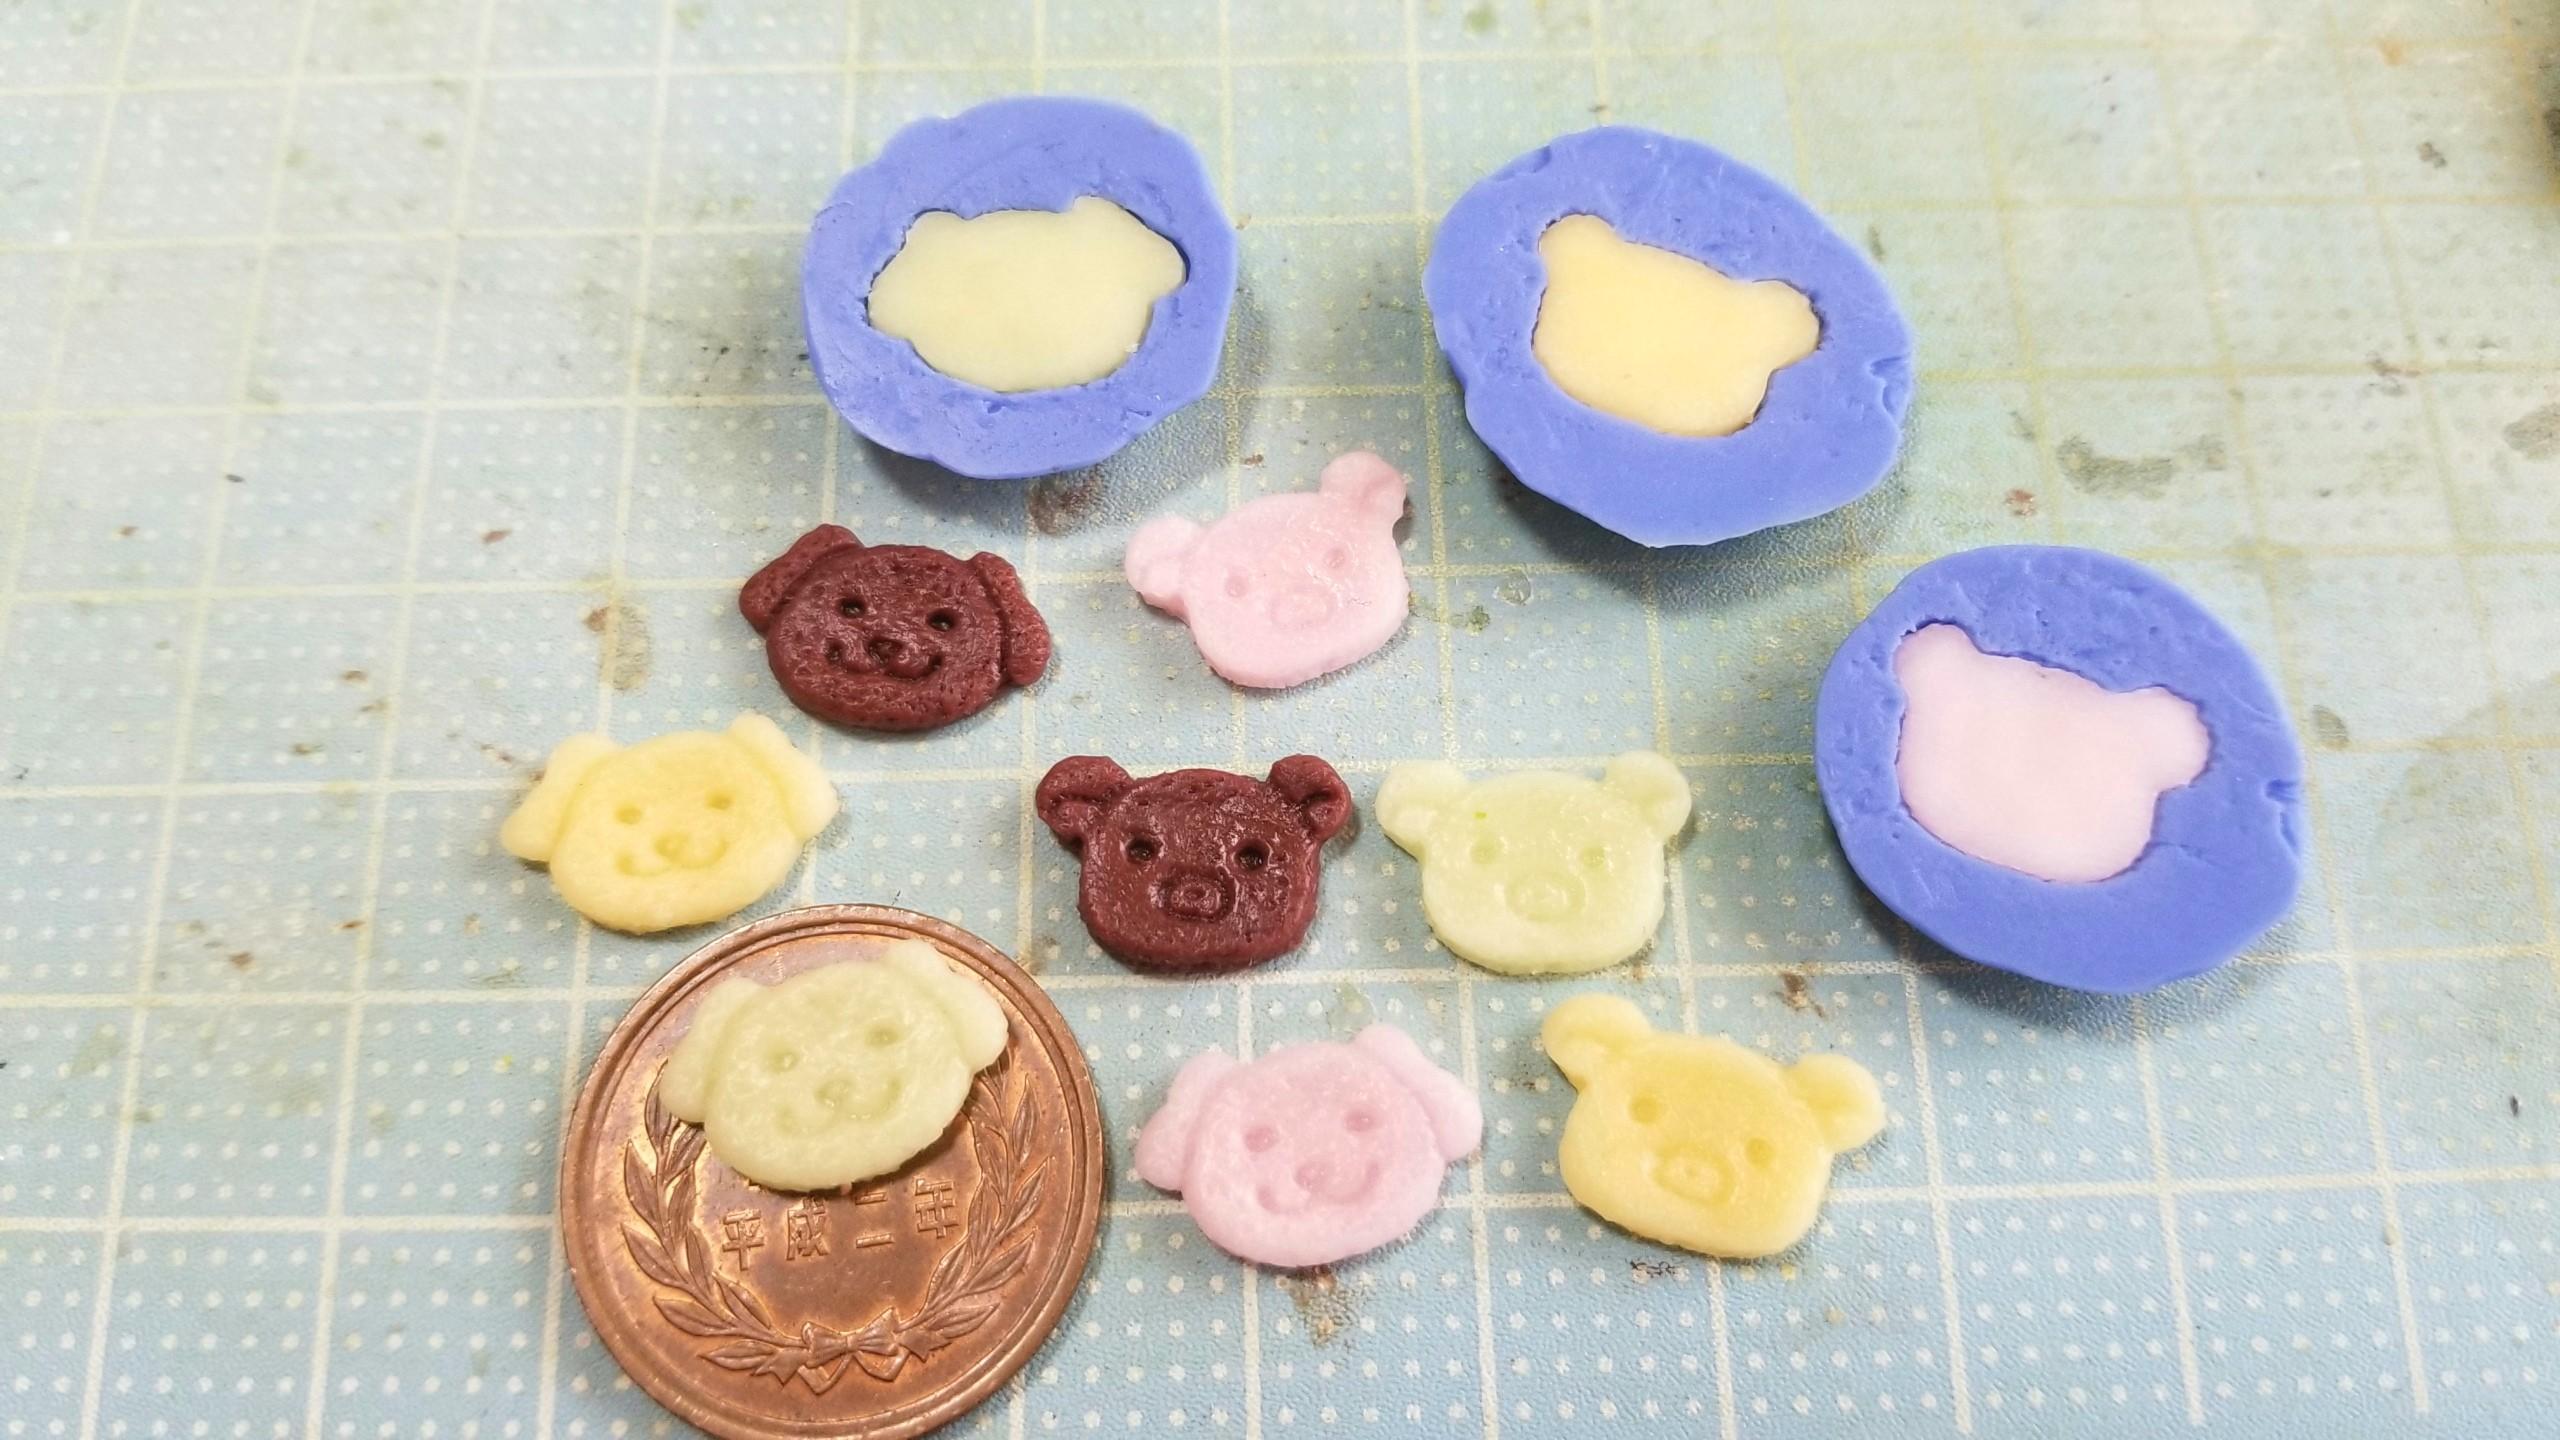 ミニチュアフード,クッキー,クマちゃん,作り方,樹脂粘土,ドール